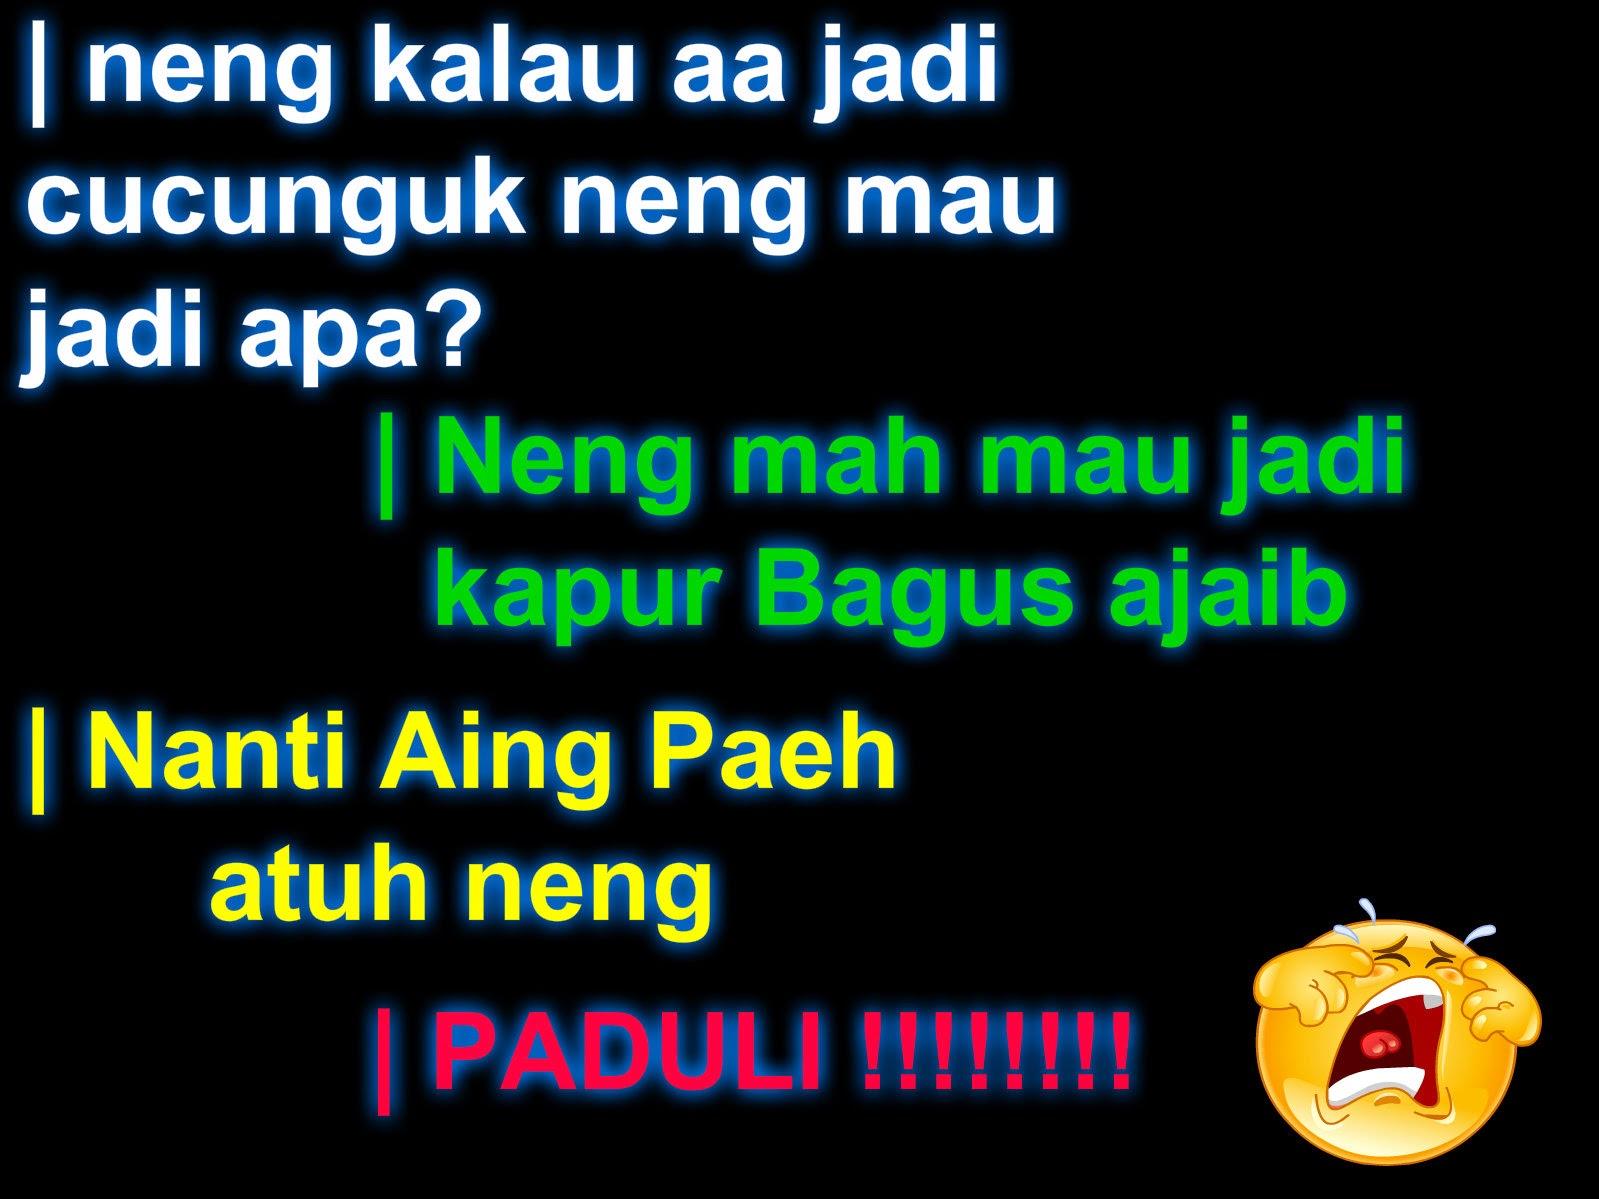 BBM BERGAMBAR Gambar Kata Kata Bahasa Sunda Lucu Terbaru